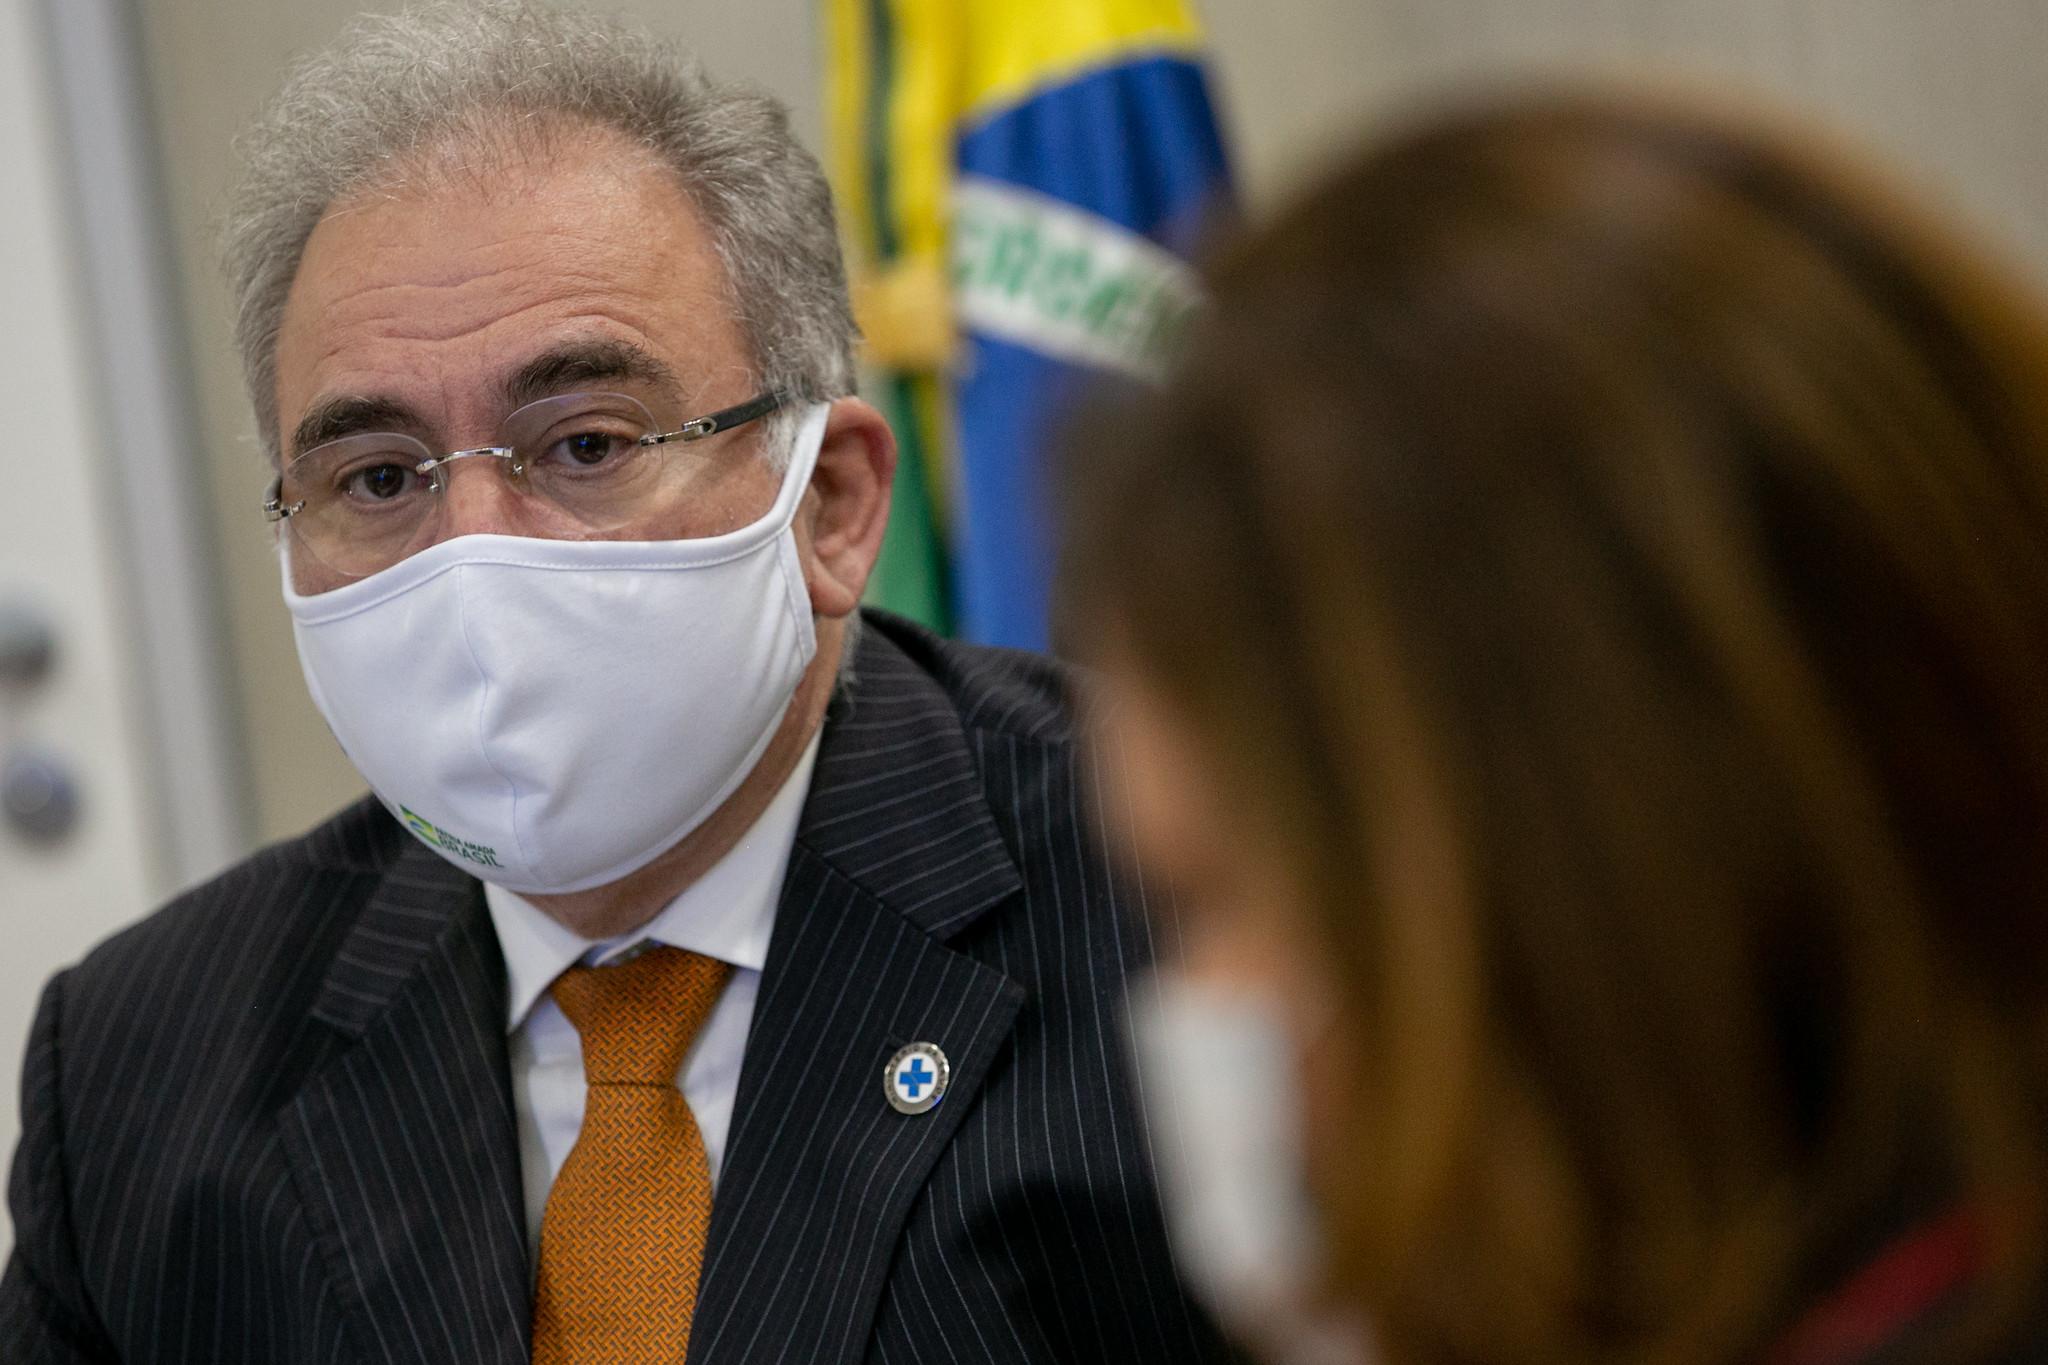 IMAGEM: Mesmo com queda na projeção de vacinas, Queiroga anuncia antecipação da meta